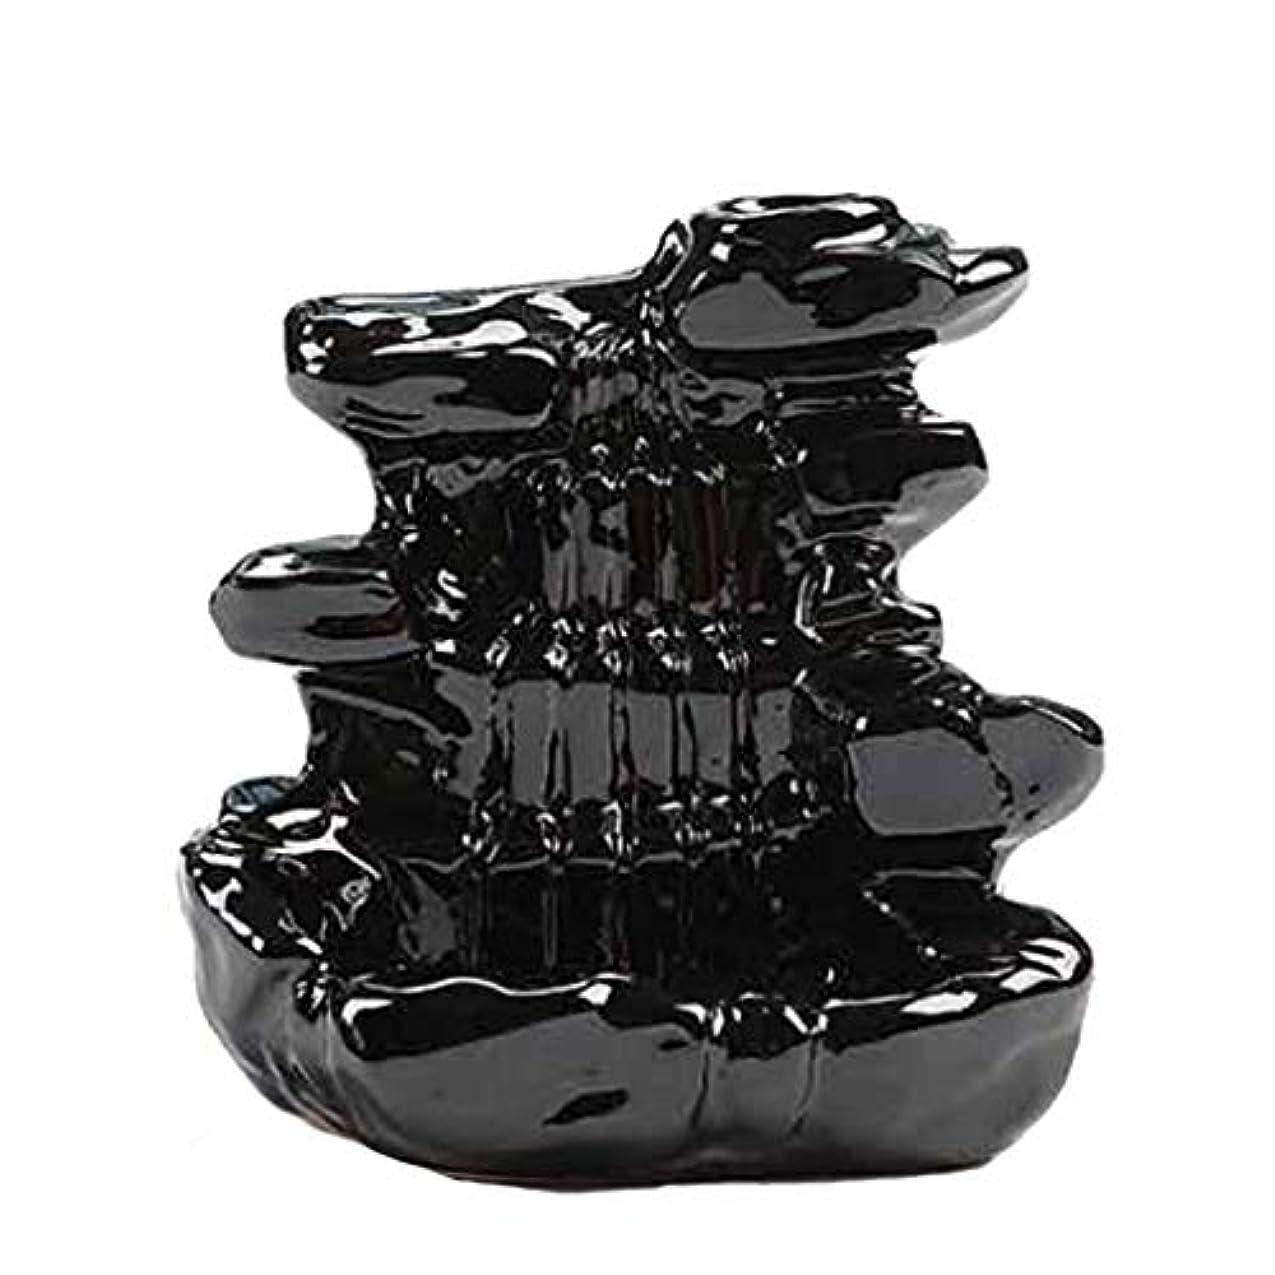 アヒル後めったに芳香器?アロマバーナー 家の装飾逆流香バーナーセラミックコーン滝香ホルダー仏教香炉 アロマバーナー芳香器 (Color : B)